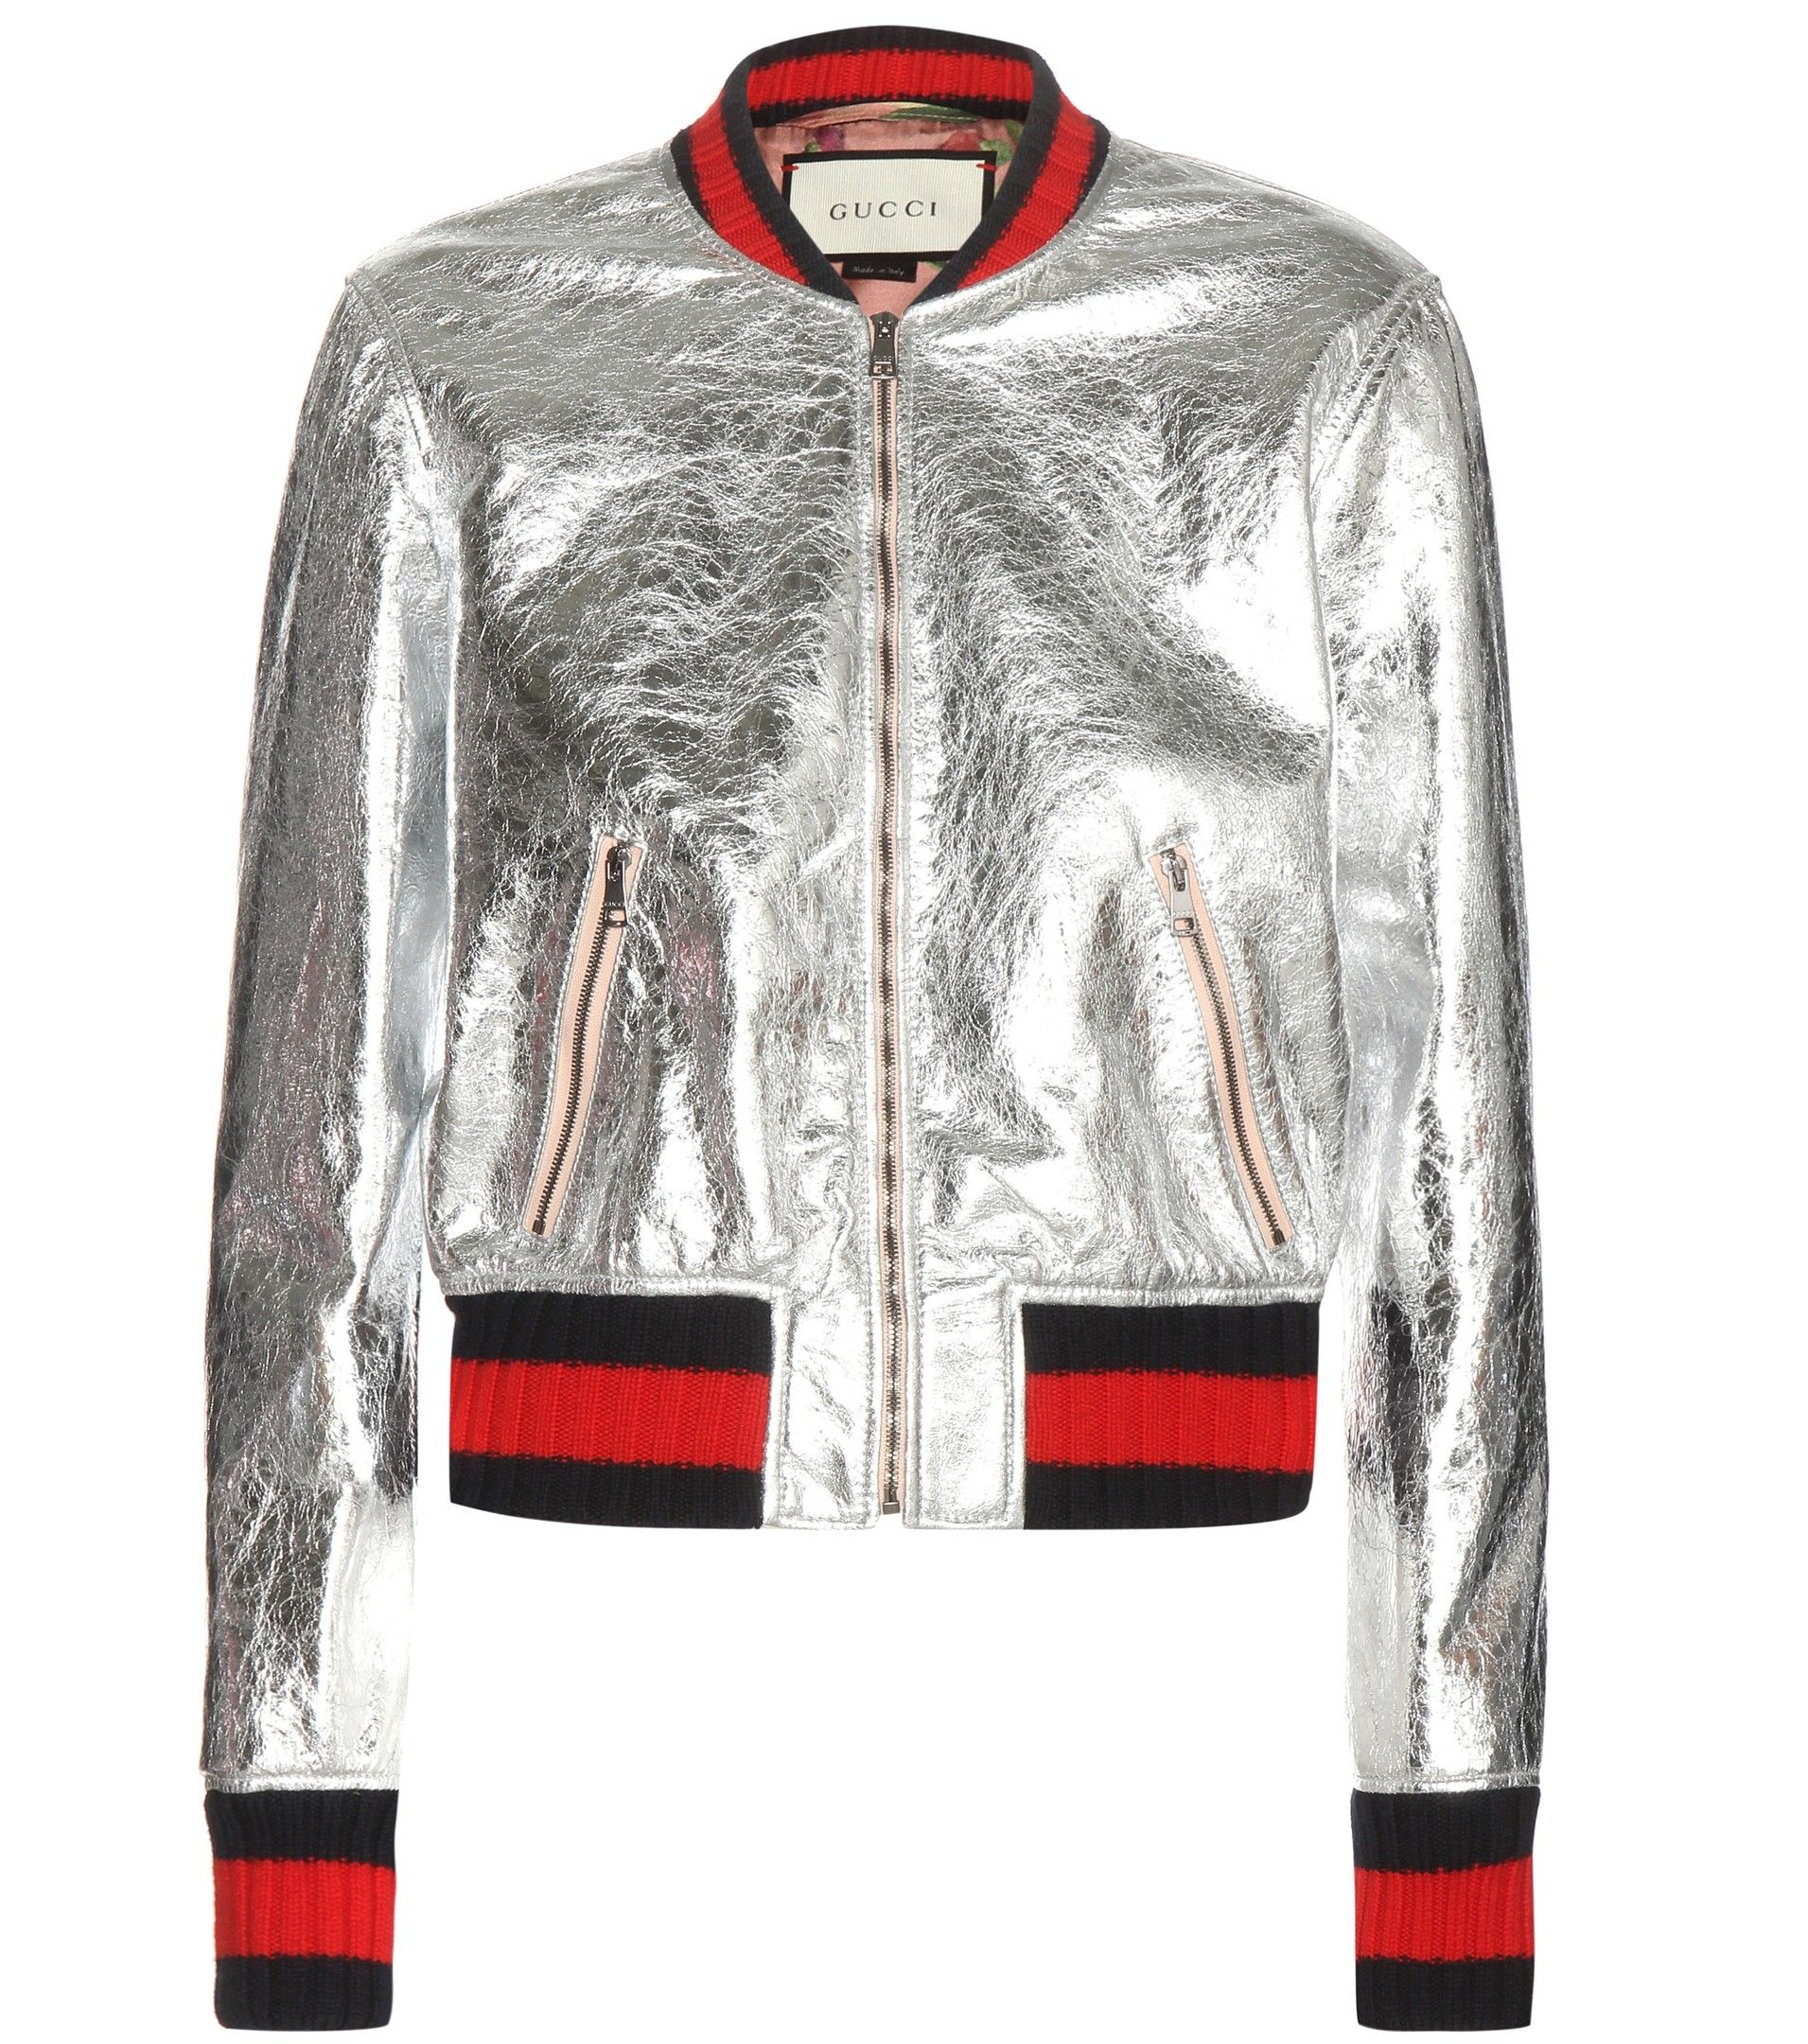 mytheresa.com - Veste bomber en cuir métallisé - Luxe et Mode pour femme -  Vêtements, chaussures et sacs de créateurs internationaux c7869dad366